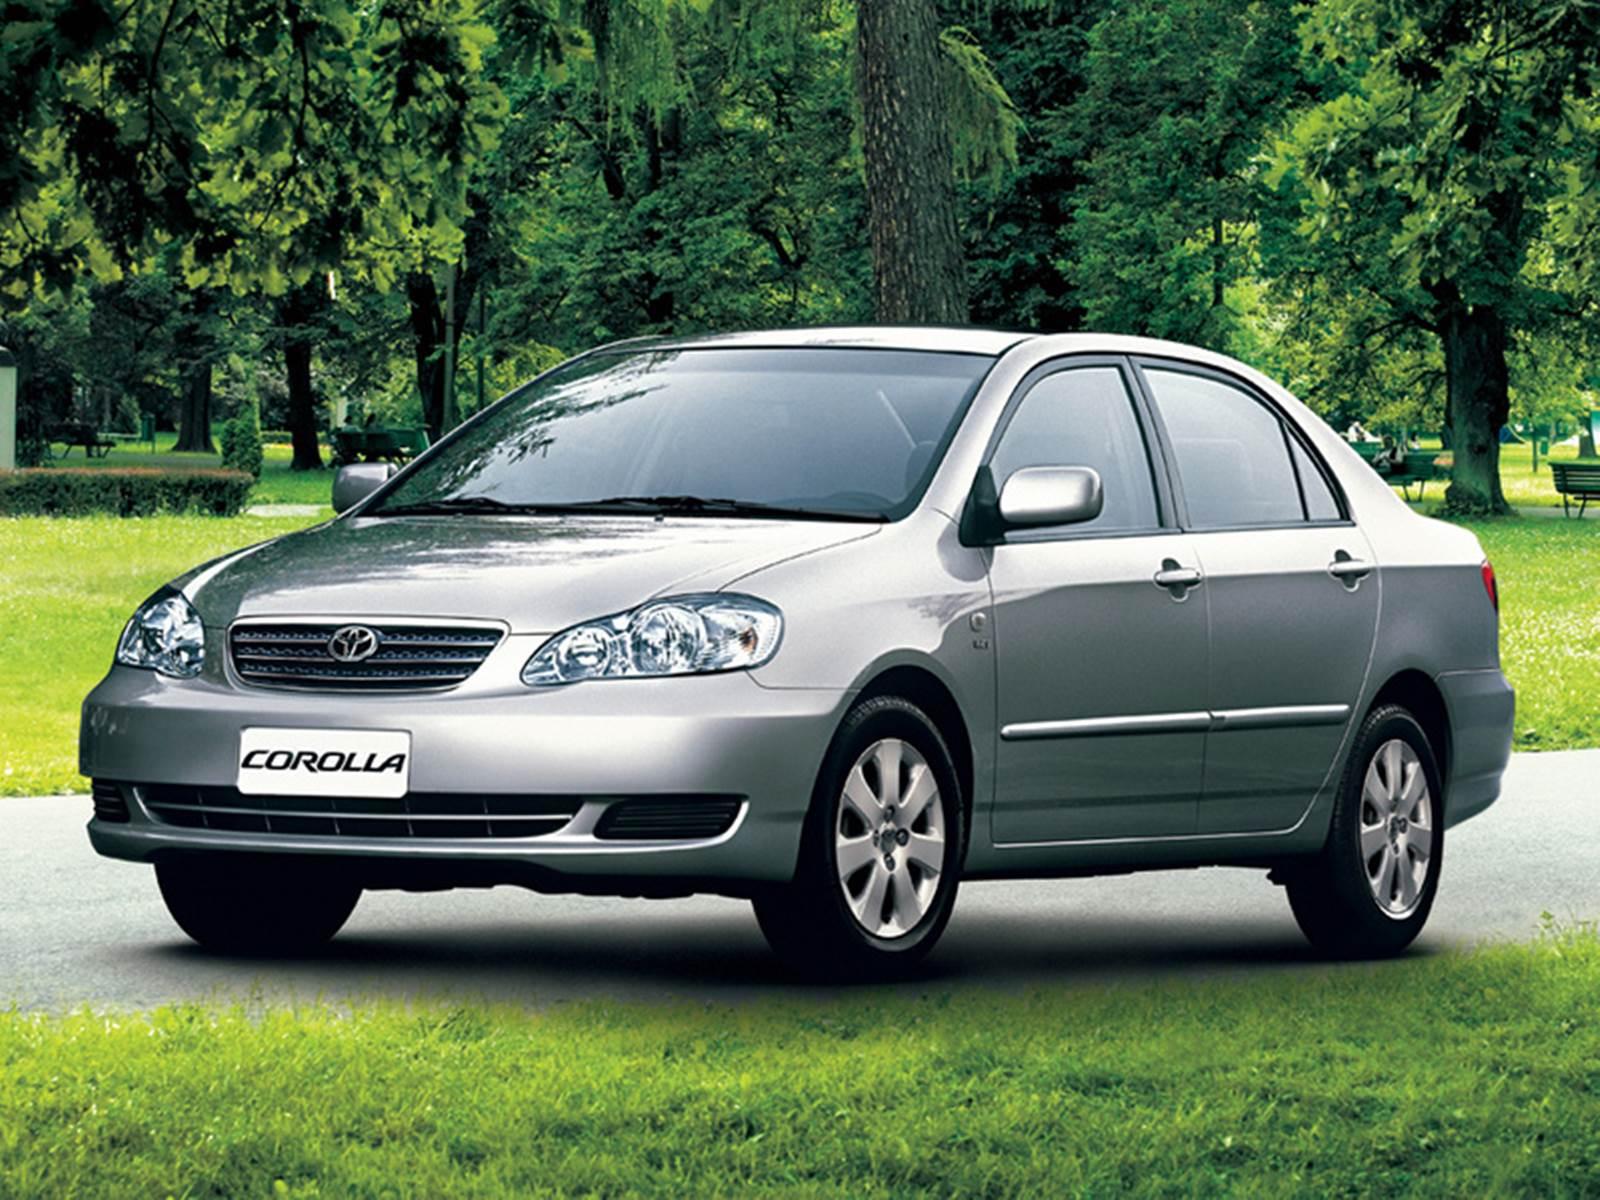 Toyota Corolla 2003 a 2007 - recall